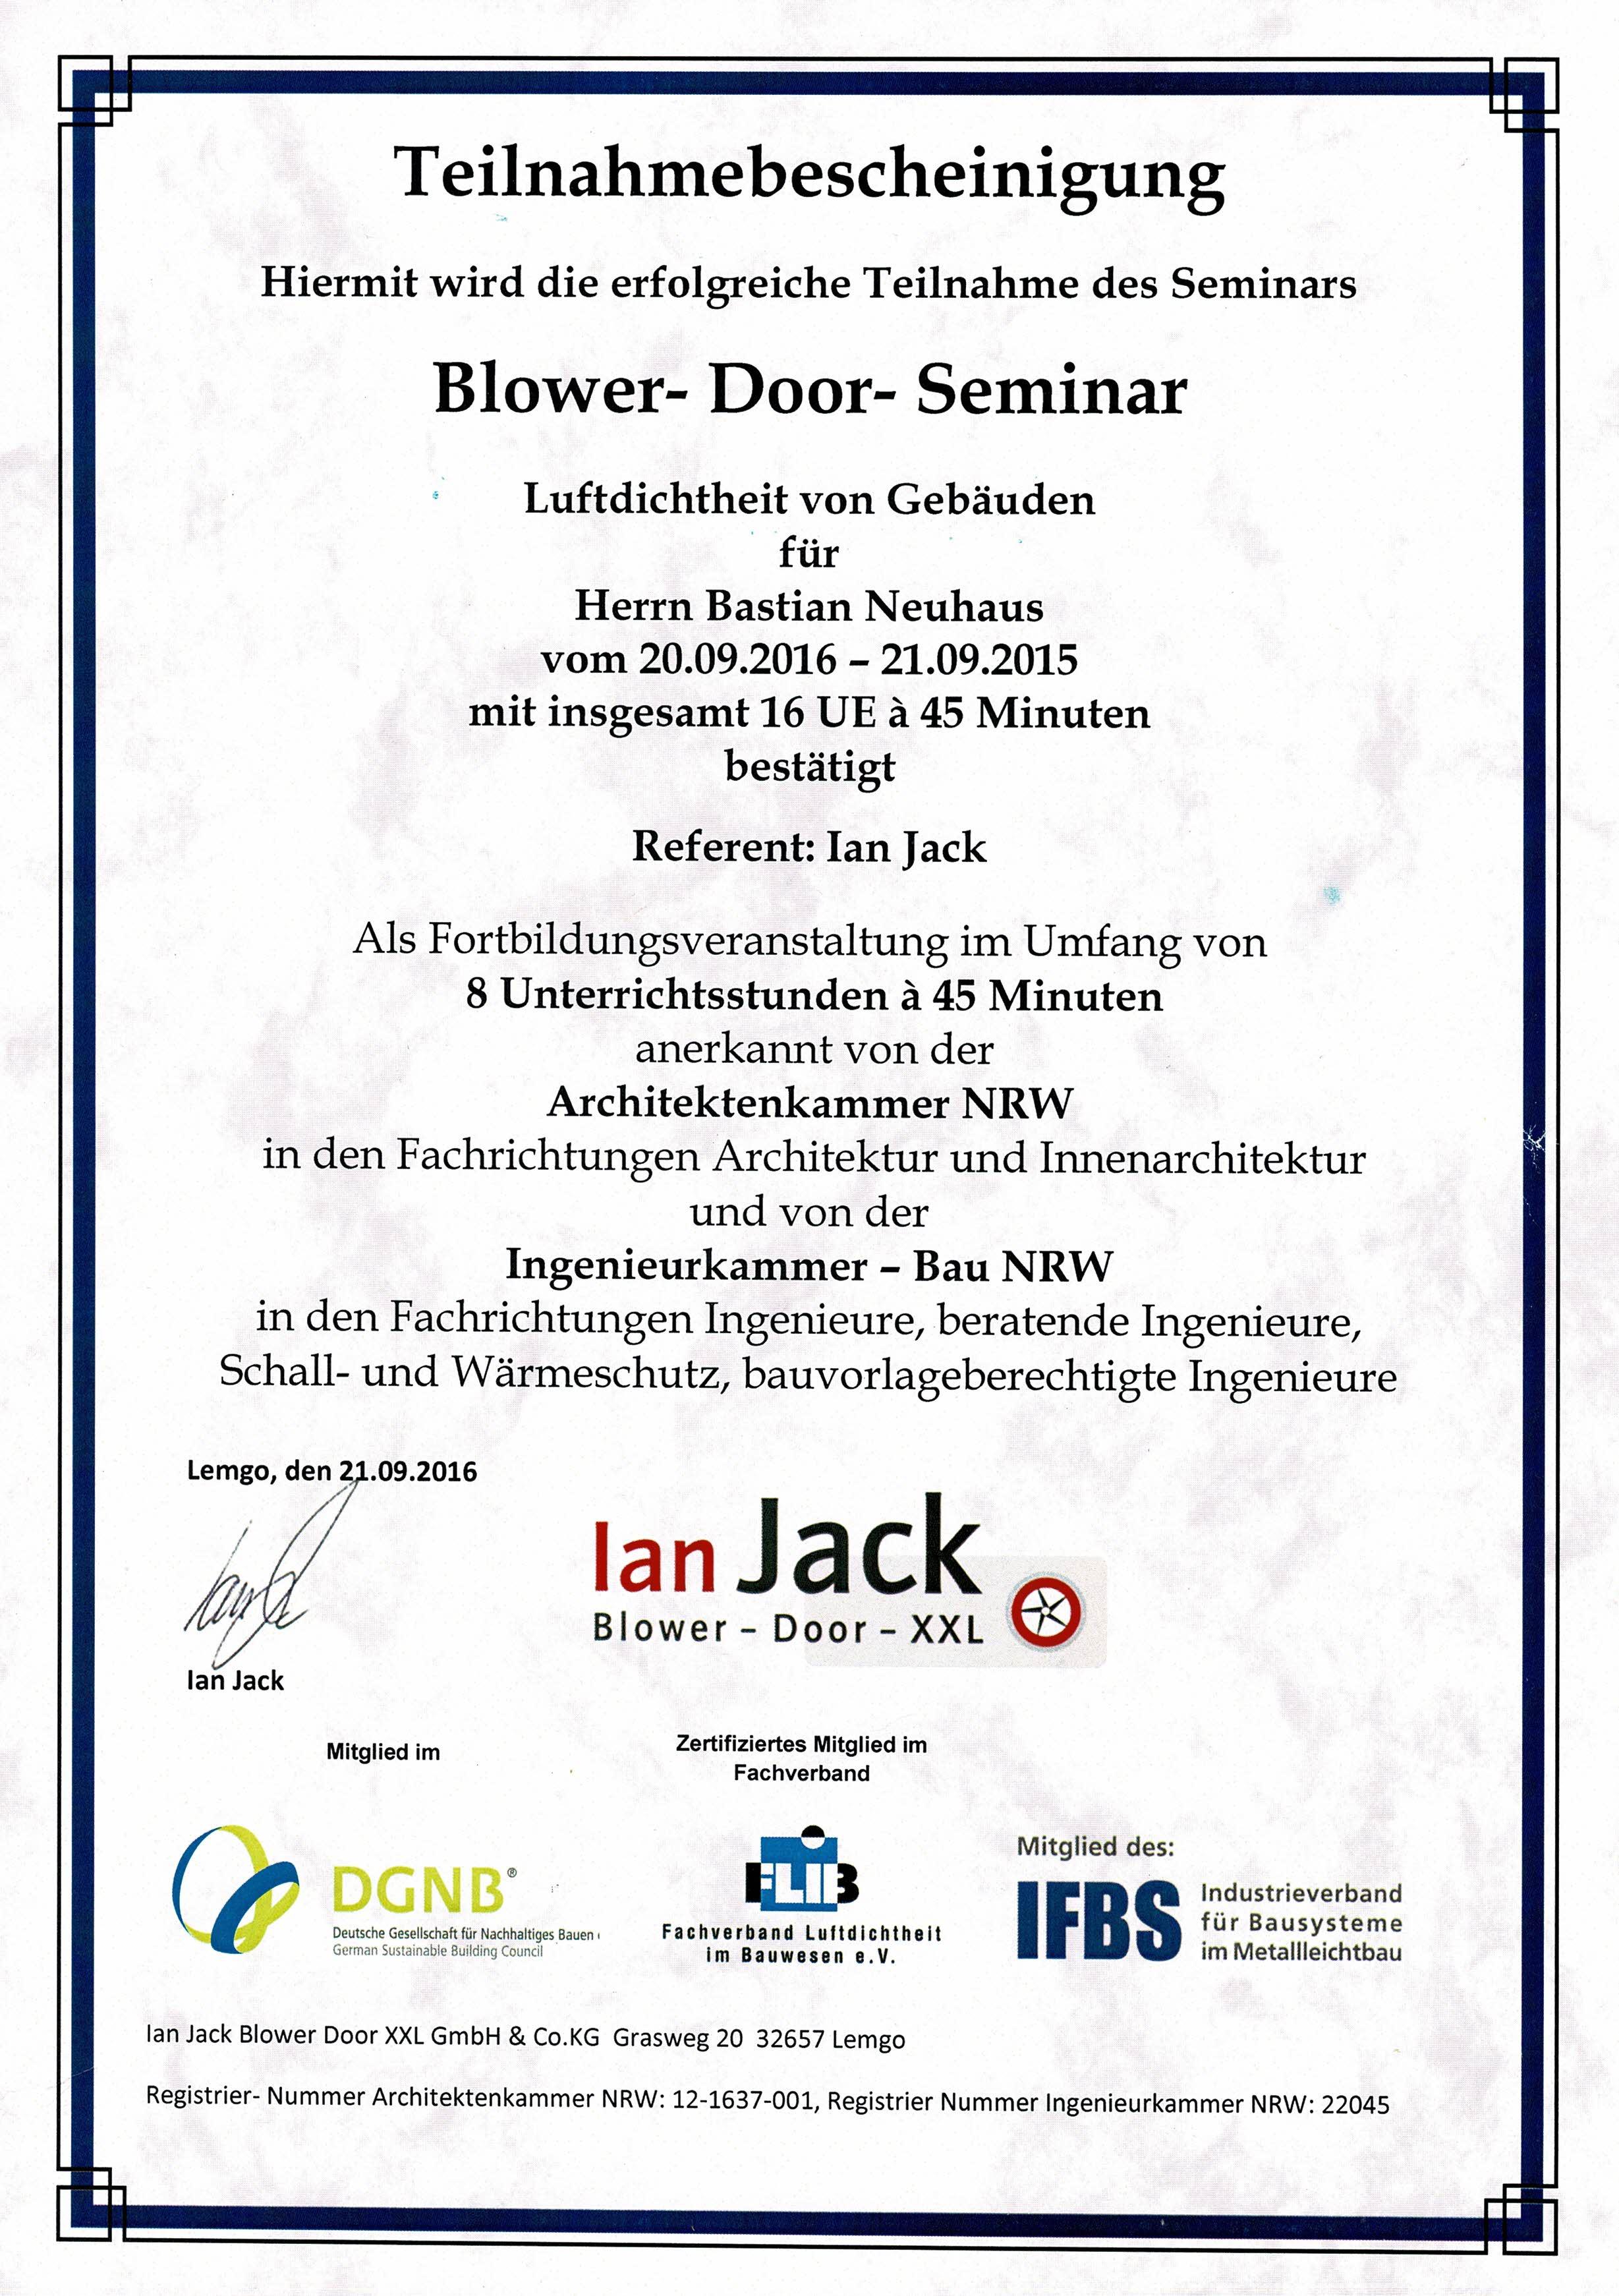 Ian Jack Blower Door XXL